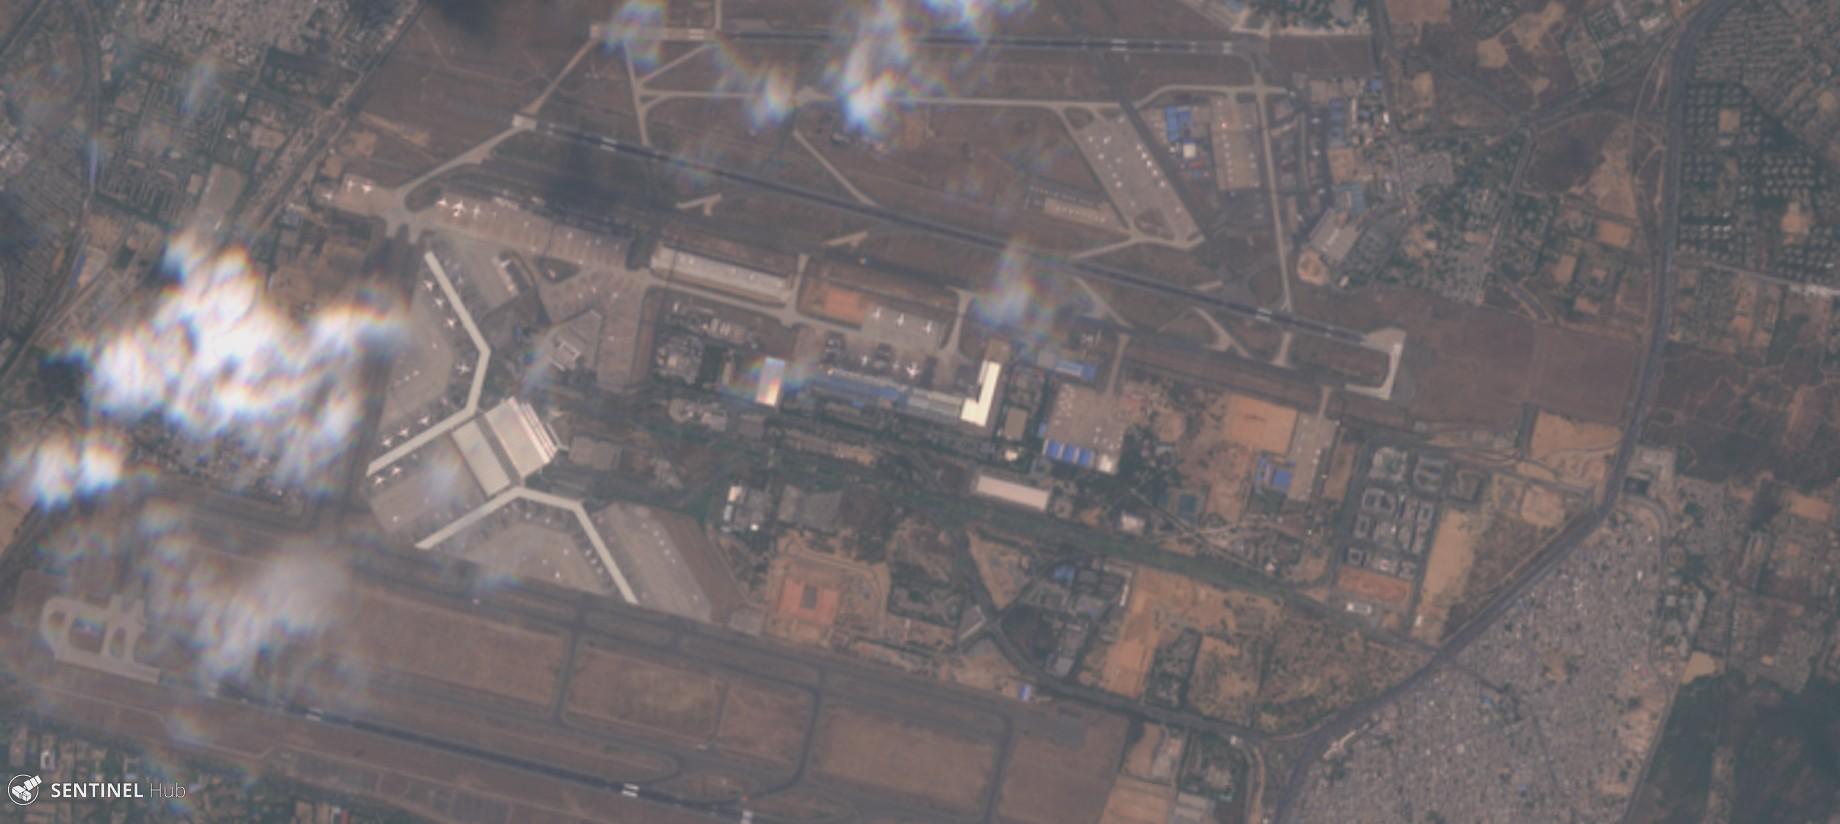 Sentinel-2 image on 2019-06-09 (1).jpg